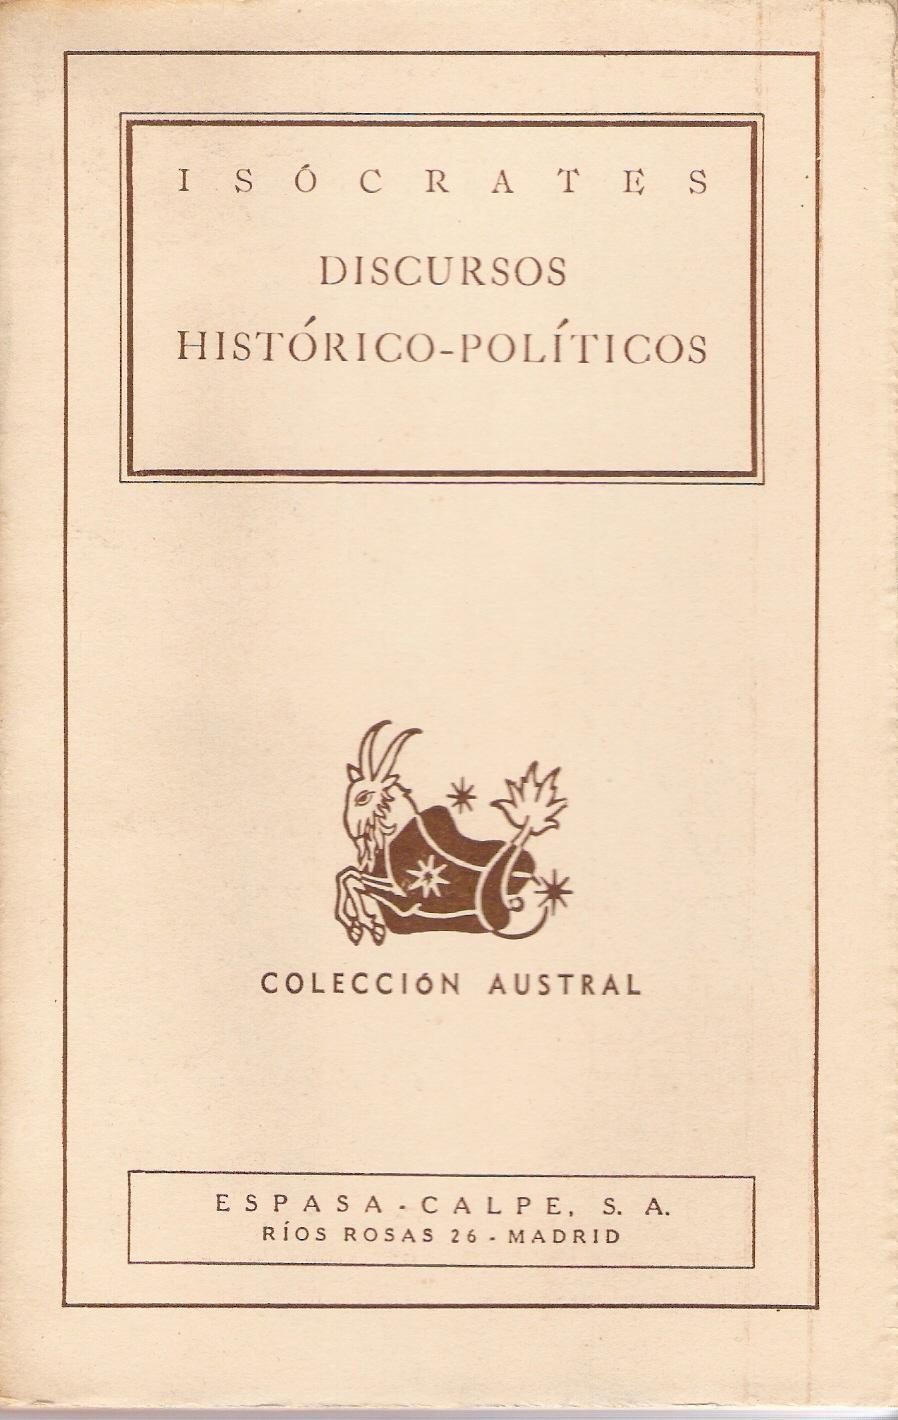 Discursos histórico-políticos